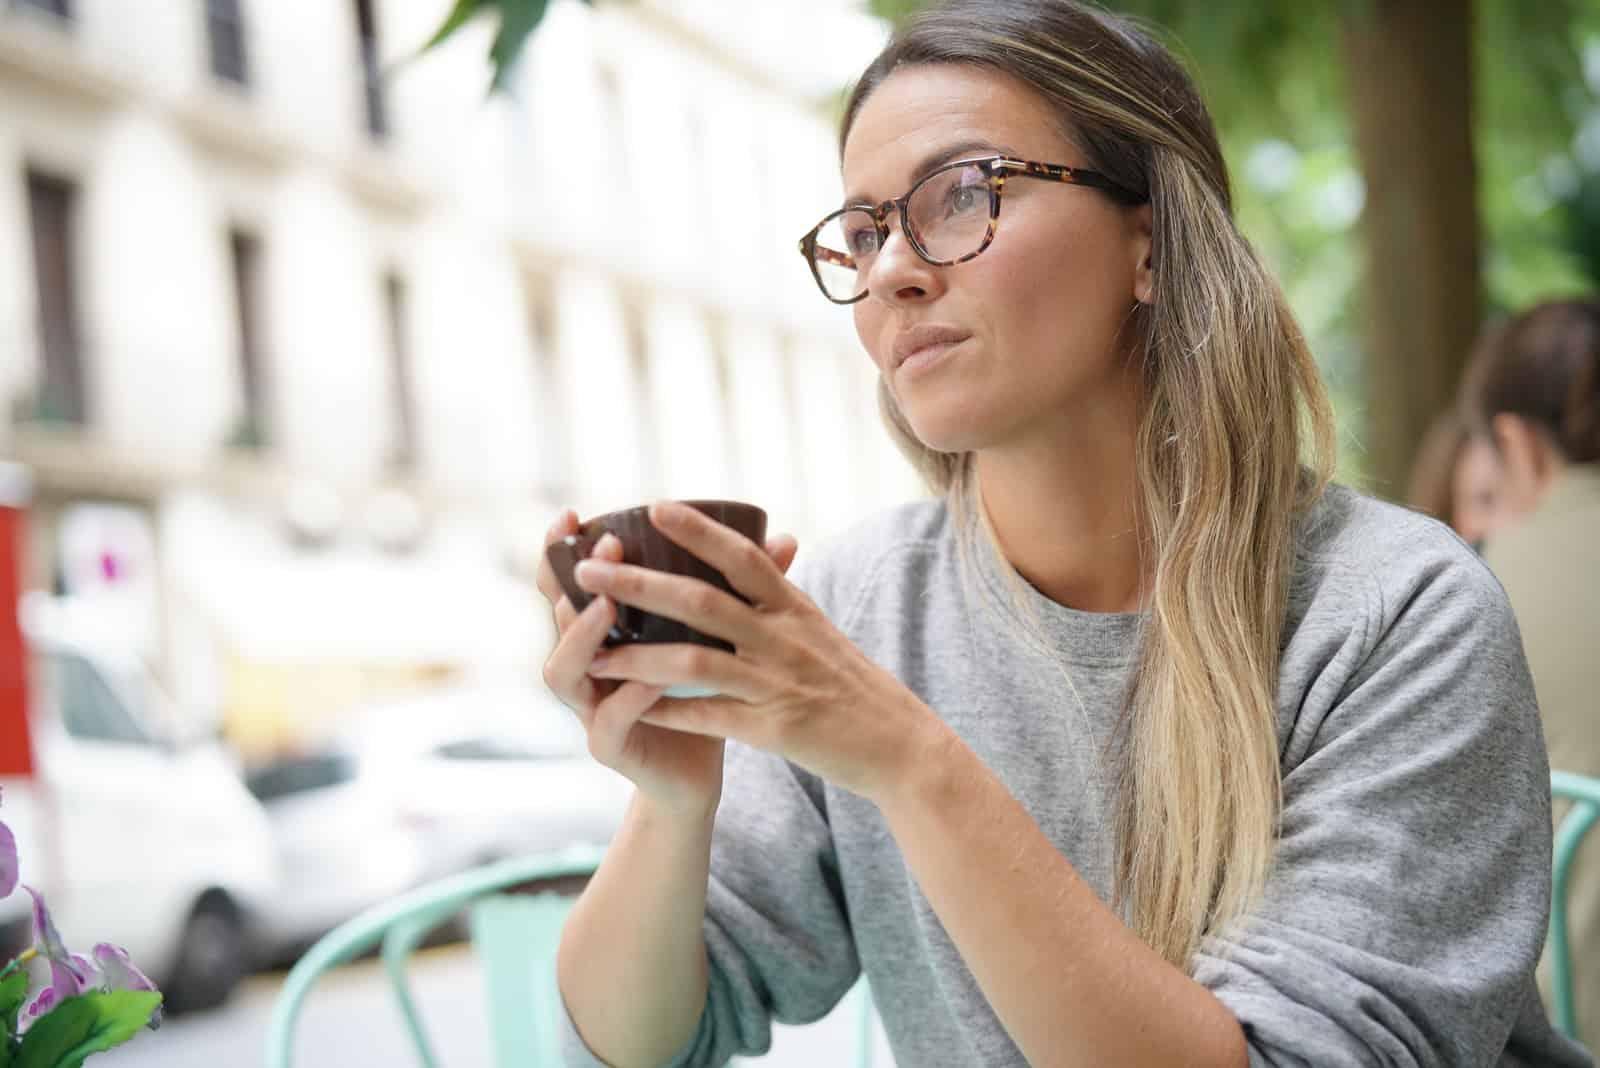 femme pensive portant des lunettes prenant un café